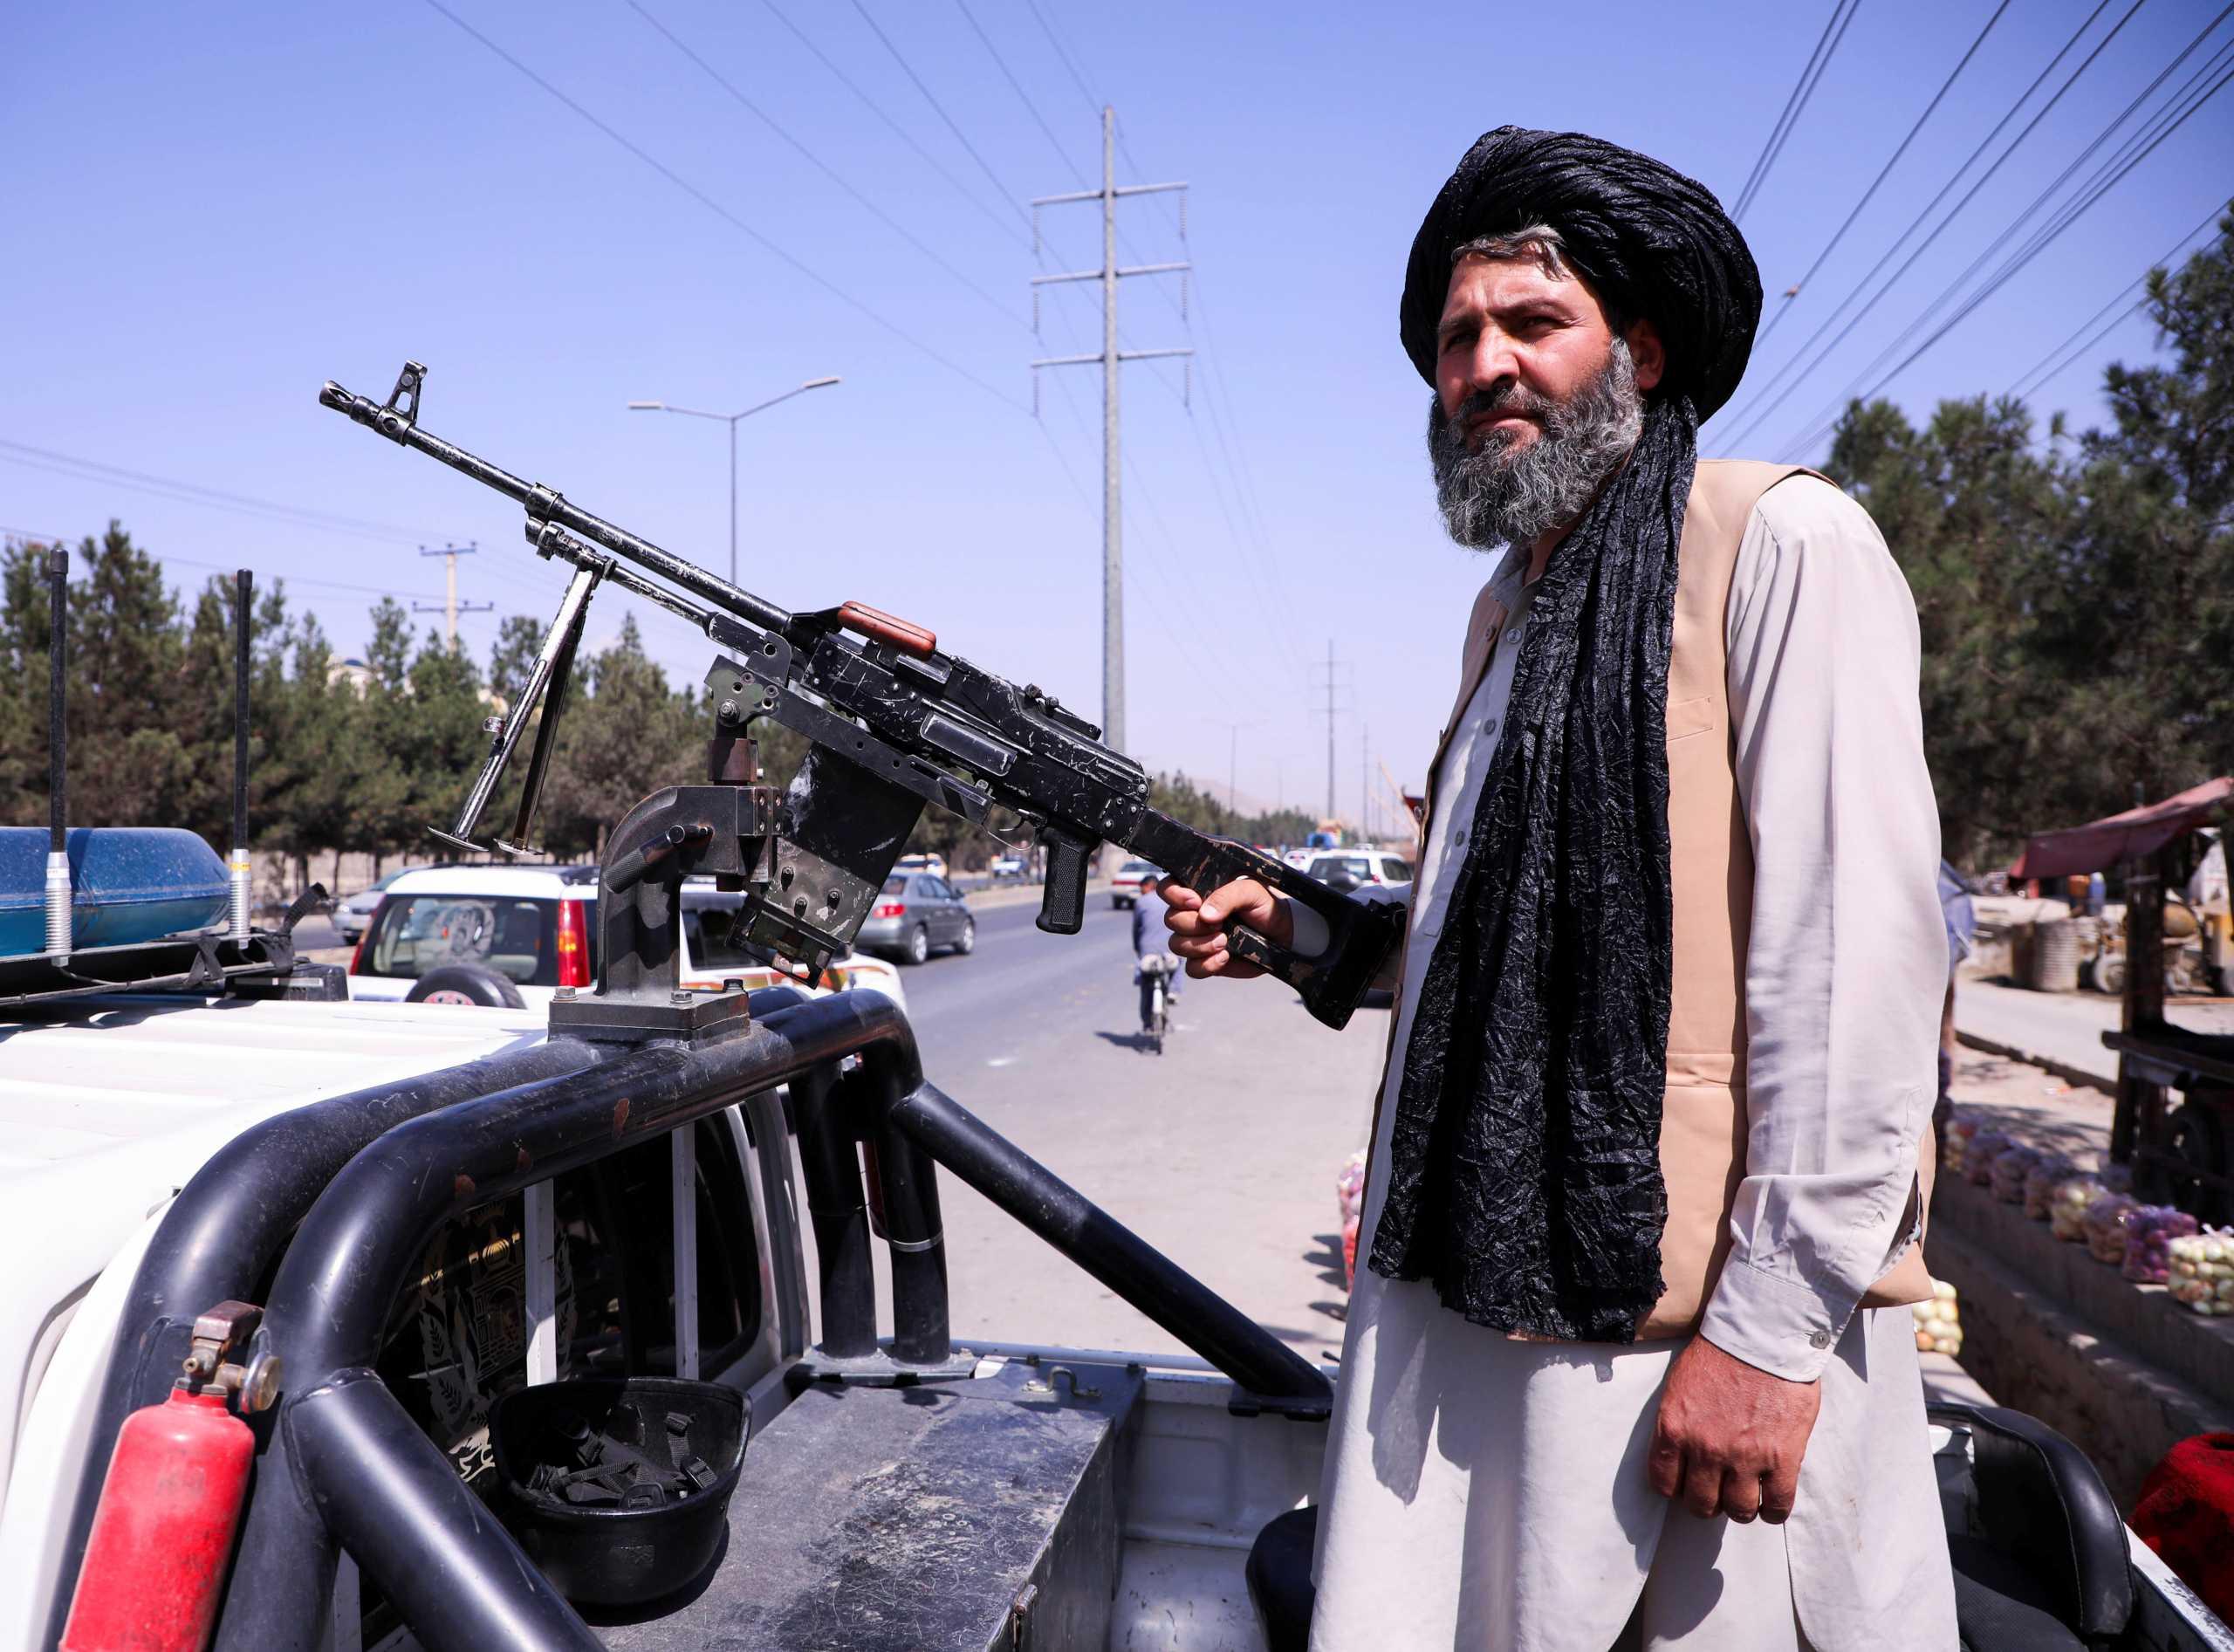 Αφγανιστάν: Οι Ταλιμπάν λένε ότι κατέλαβαν την κοιλάδα του Πανσίρ, διαψεύδουν οι αντάρτες